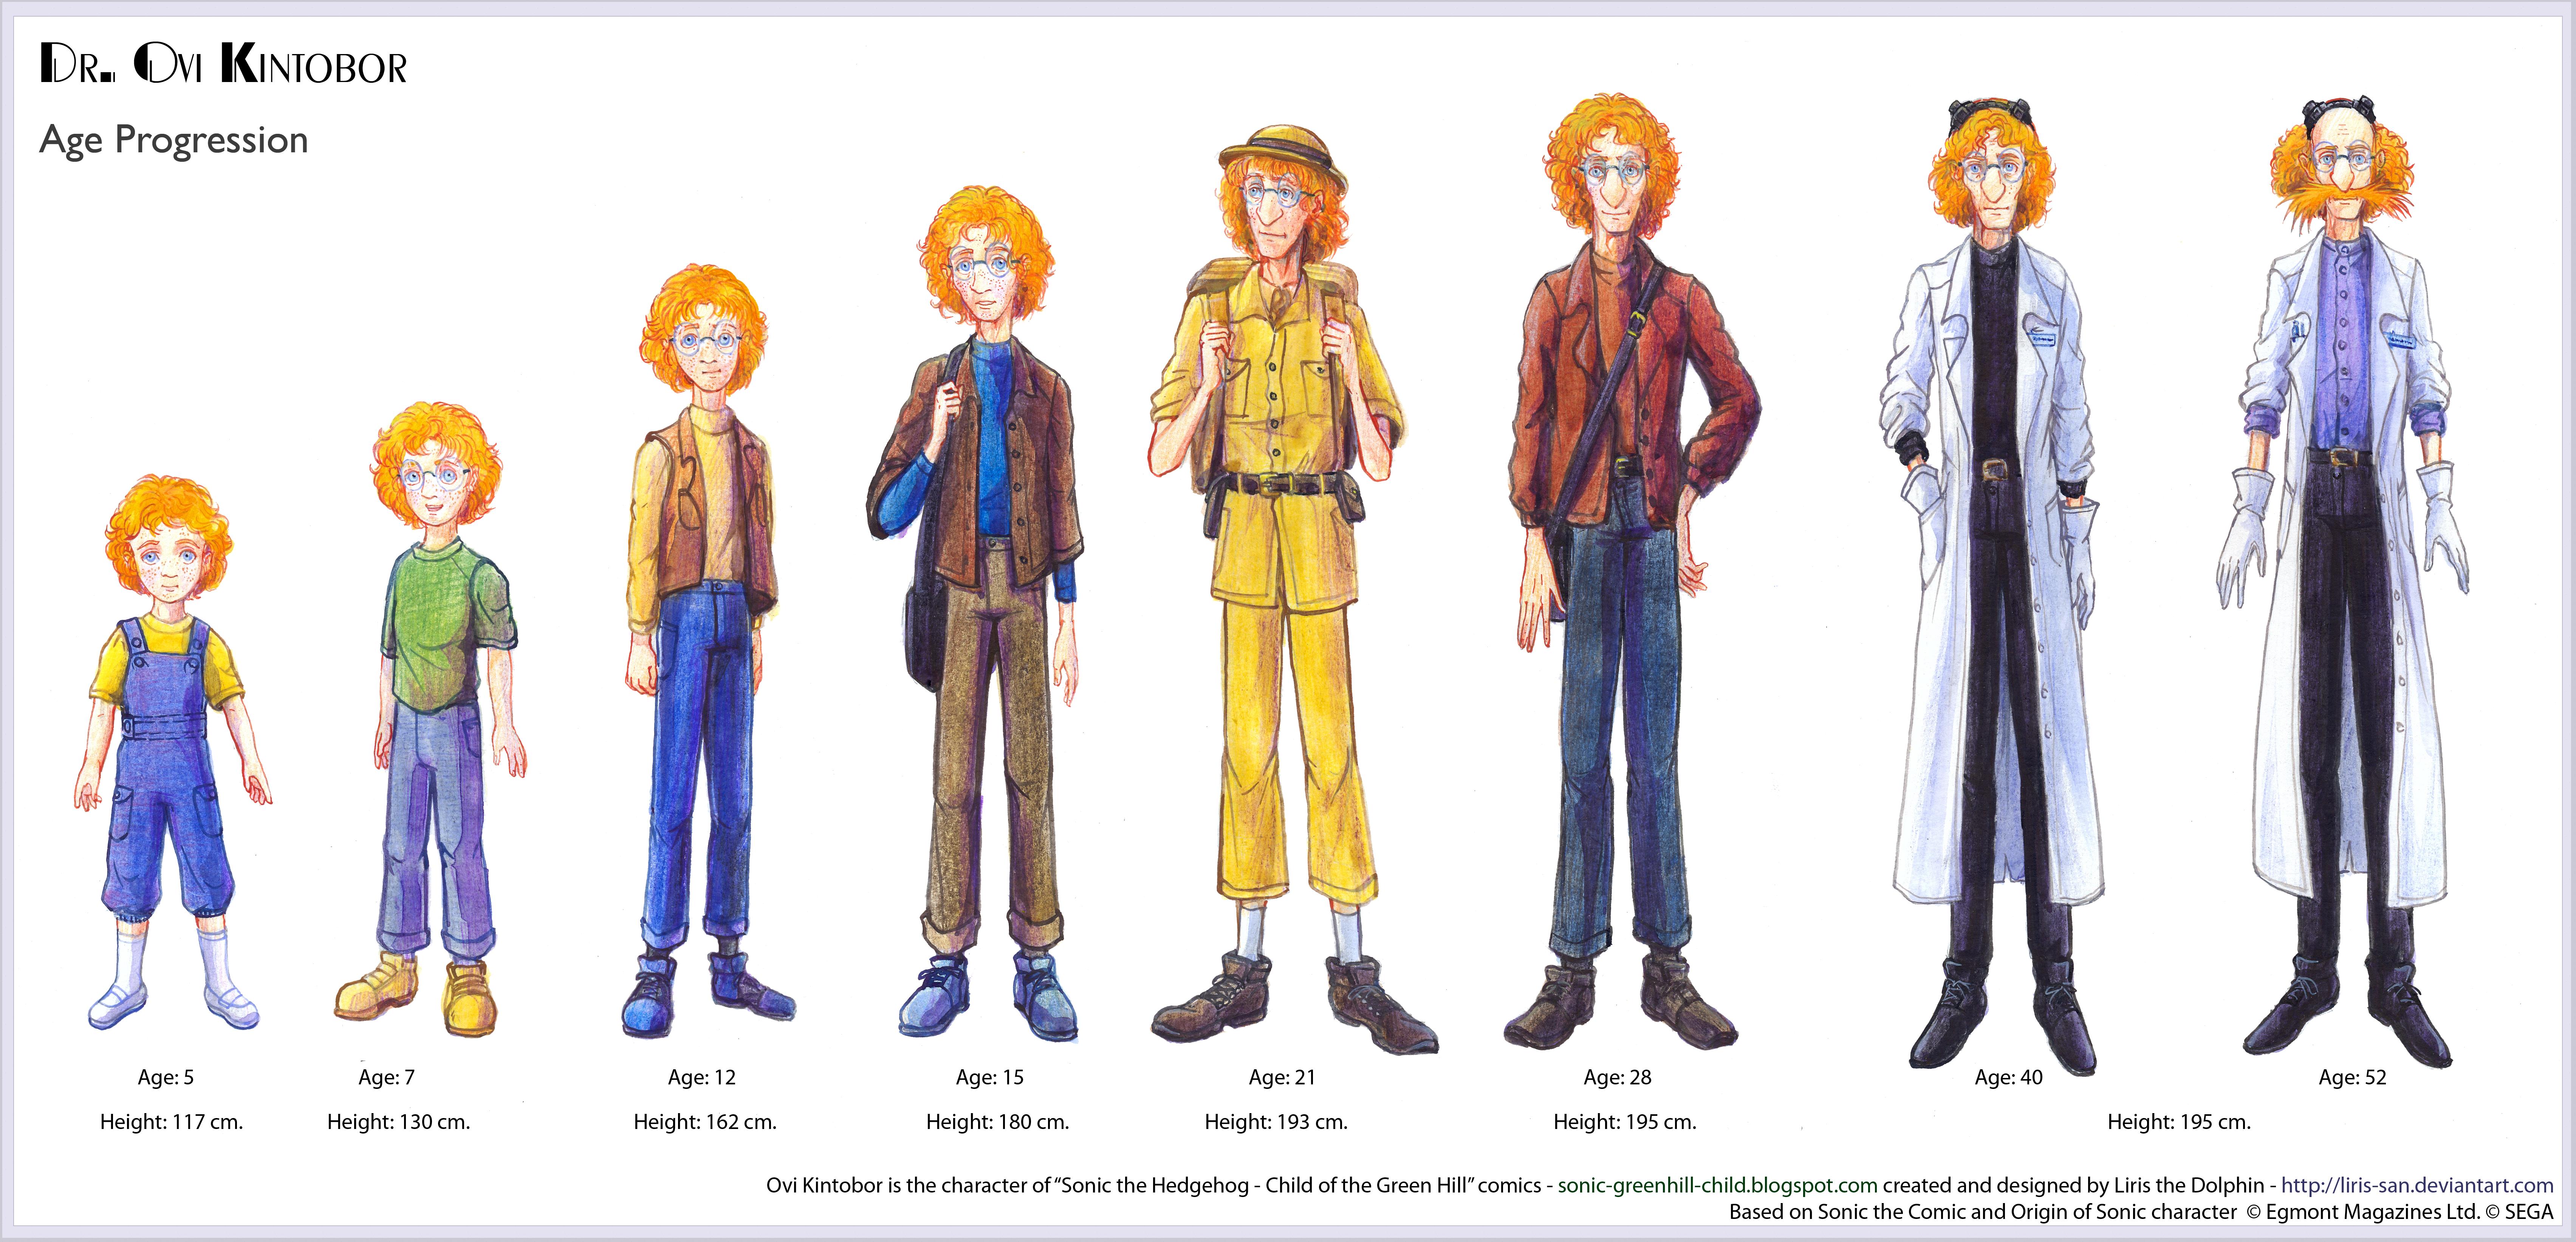 age progression